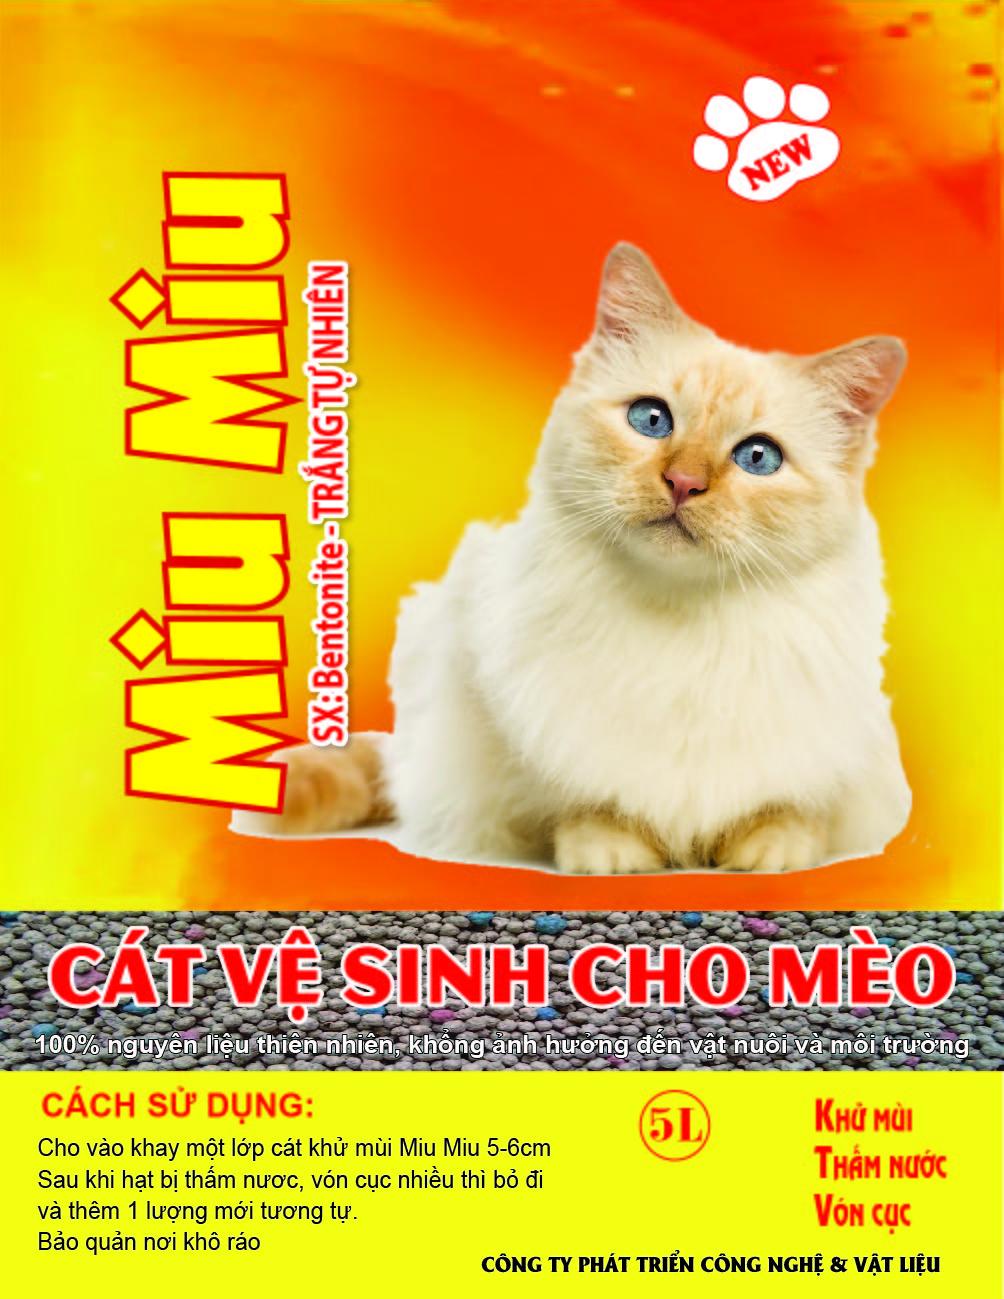 Cát Vệ Sinh - Thức Ăn - Phụ Kiện Cho Chó Mèo